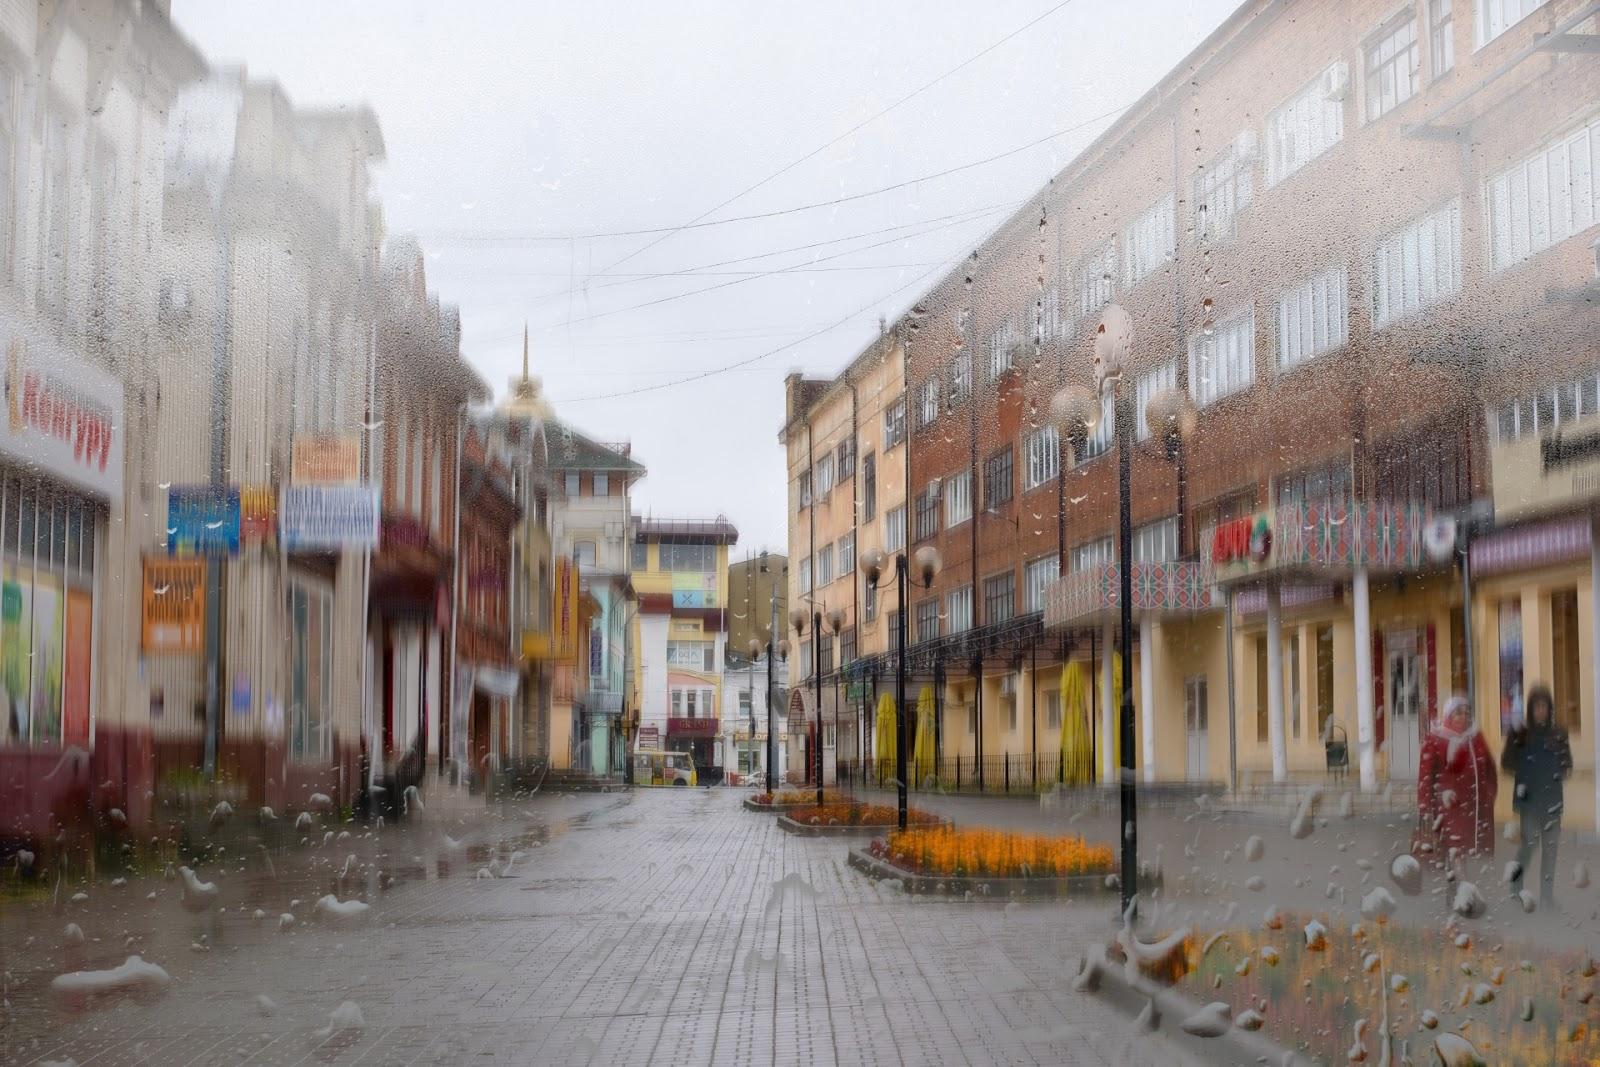 Аптечный переулок в Иваново. Дождь.